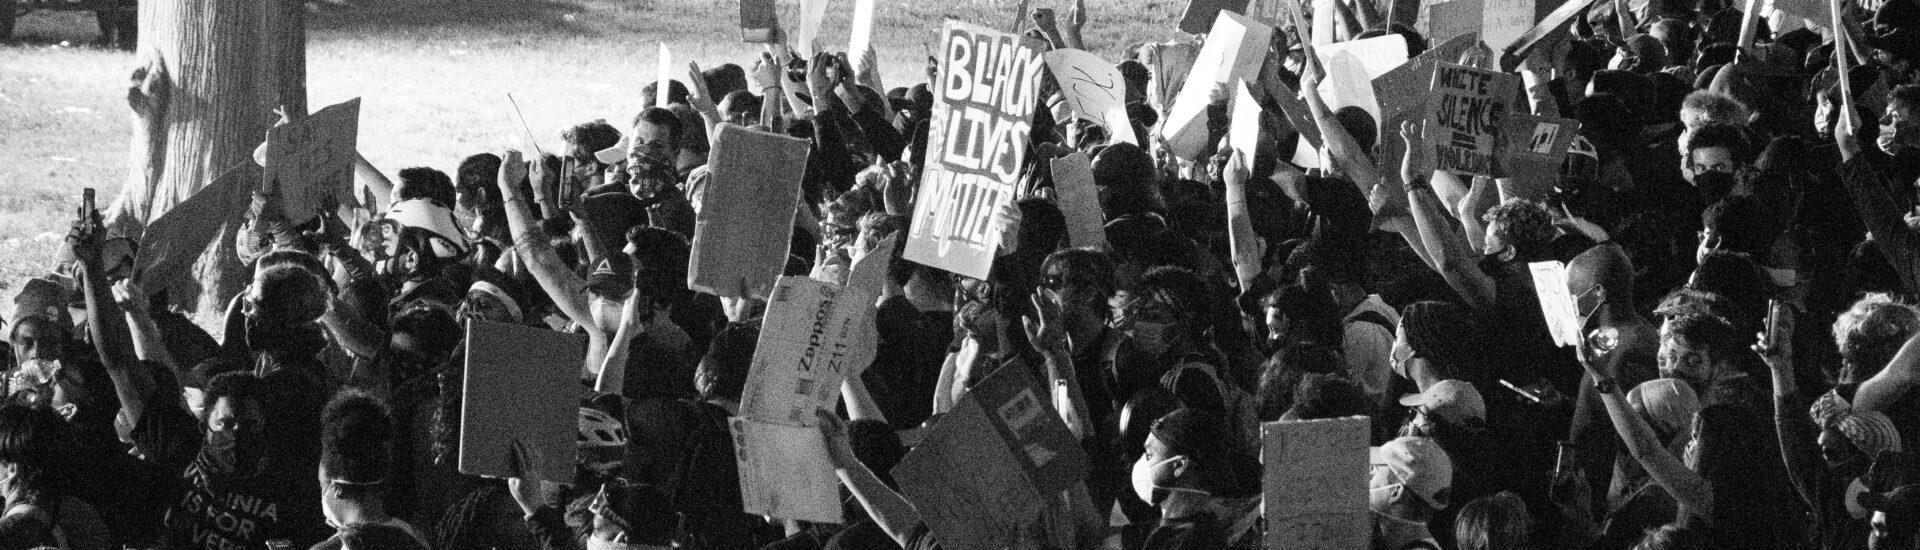 Βρετανία: Αστυνομική θηριωδία εναντίον μαύρου εφήβου